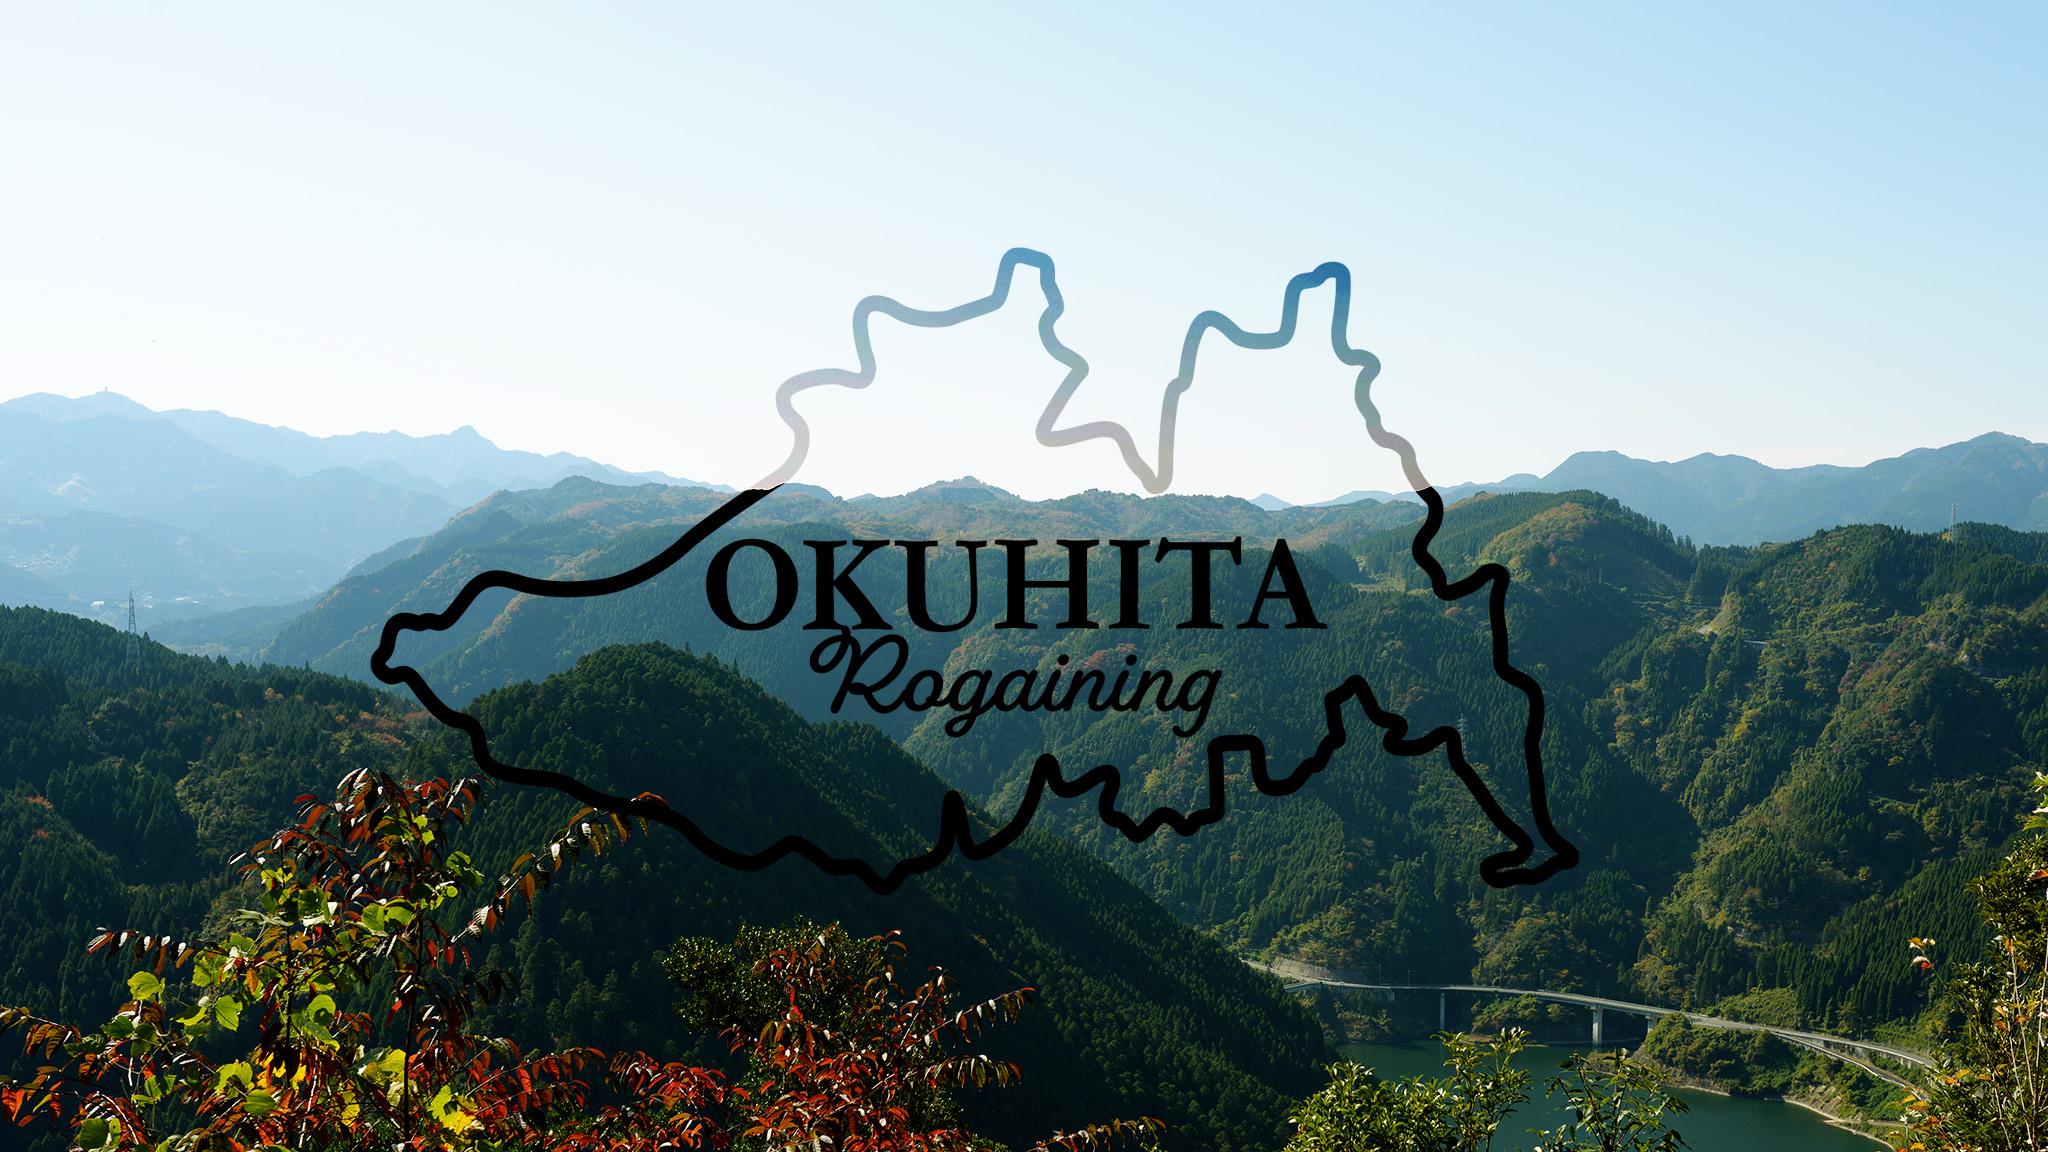 今年も奥日田ロゲイニング始まります